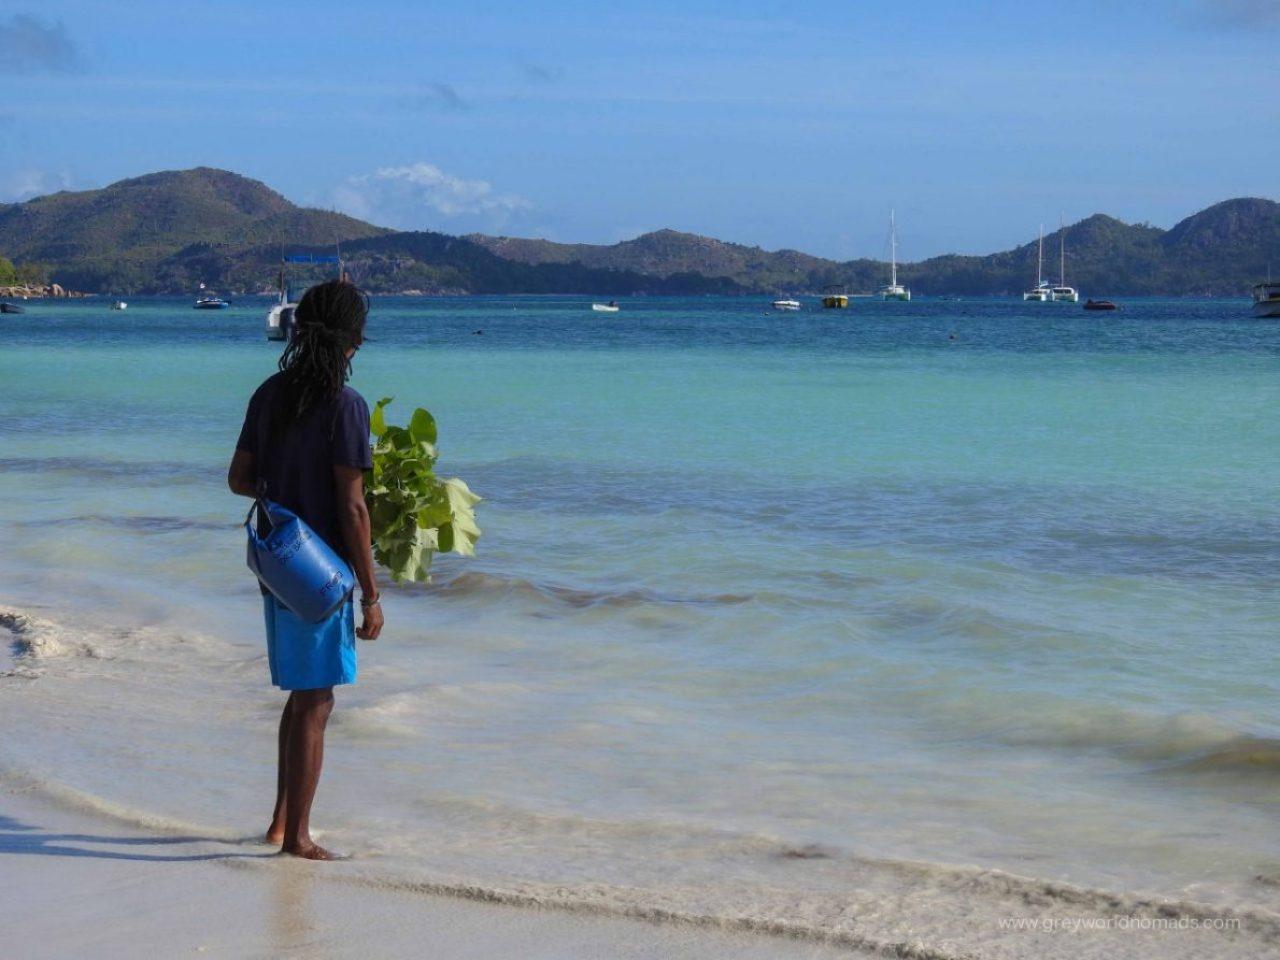 curieuse island tour